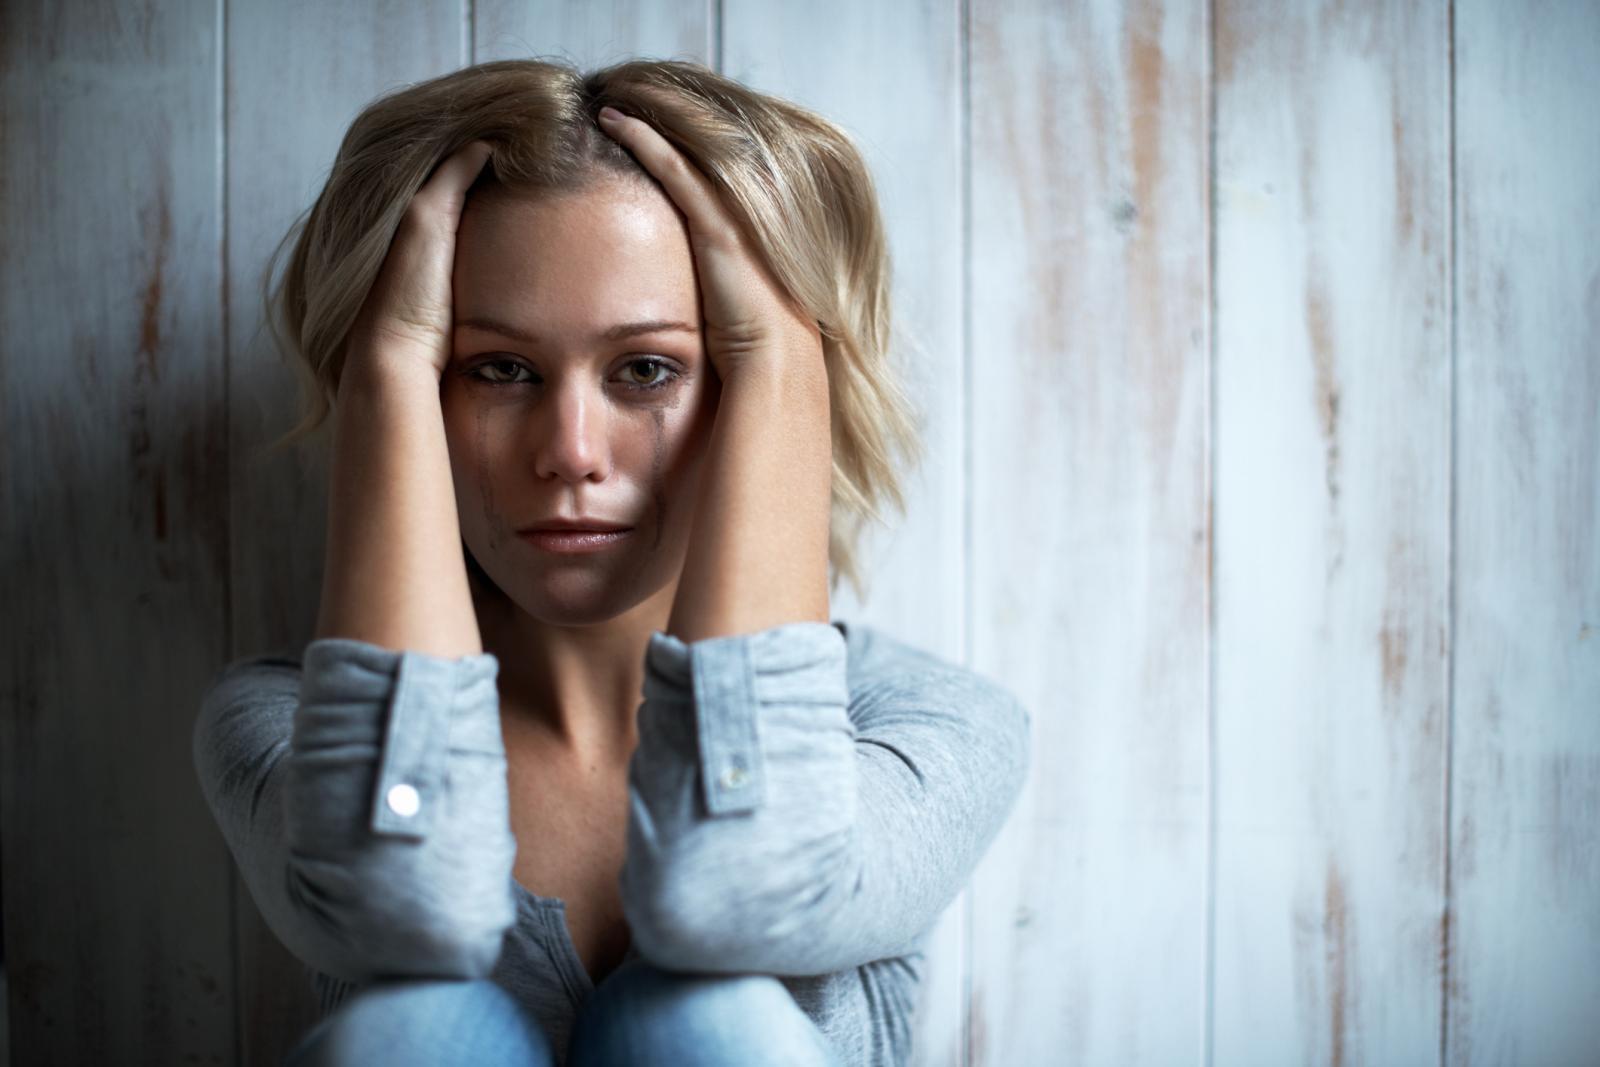 Simptomi kliničke depresije prožimaju čitavo biće, cijelo vrijeme i u svim situacijama...